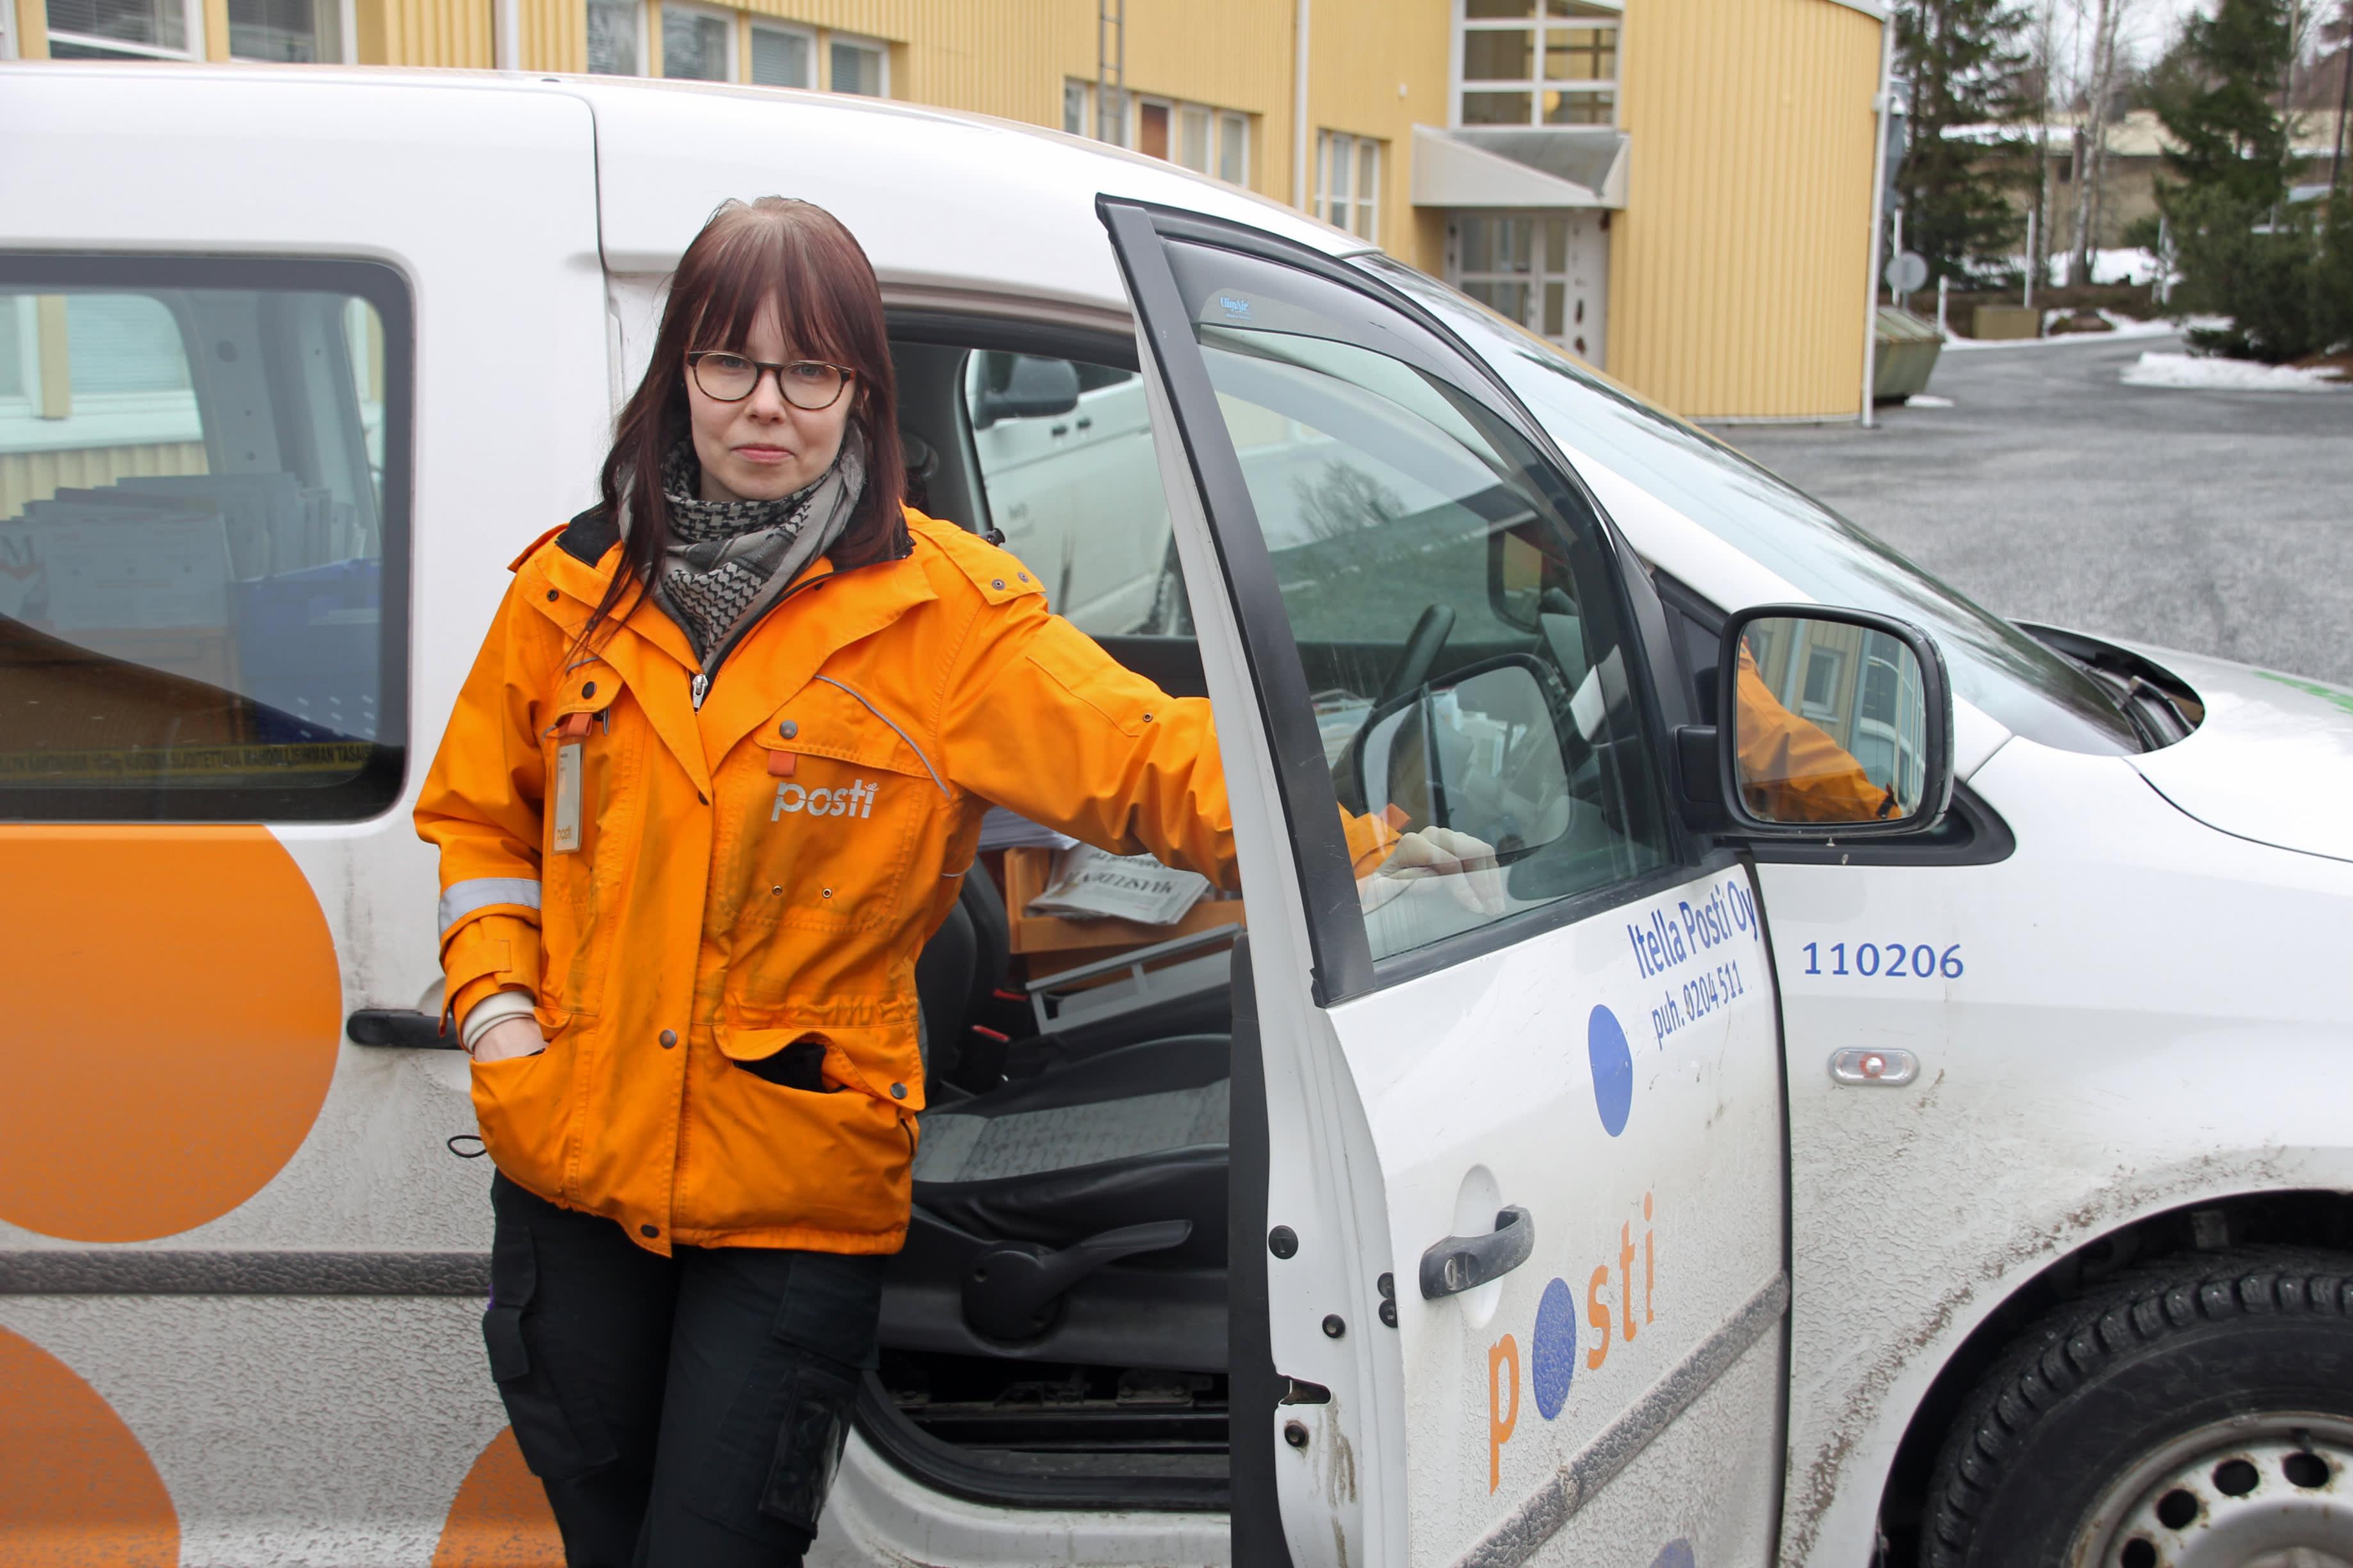 Elli Valkila Postin auton edessä